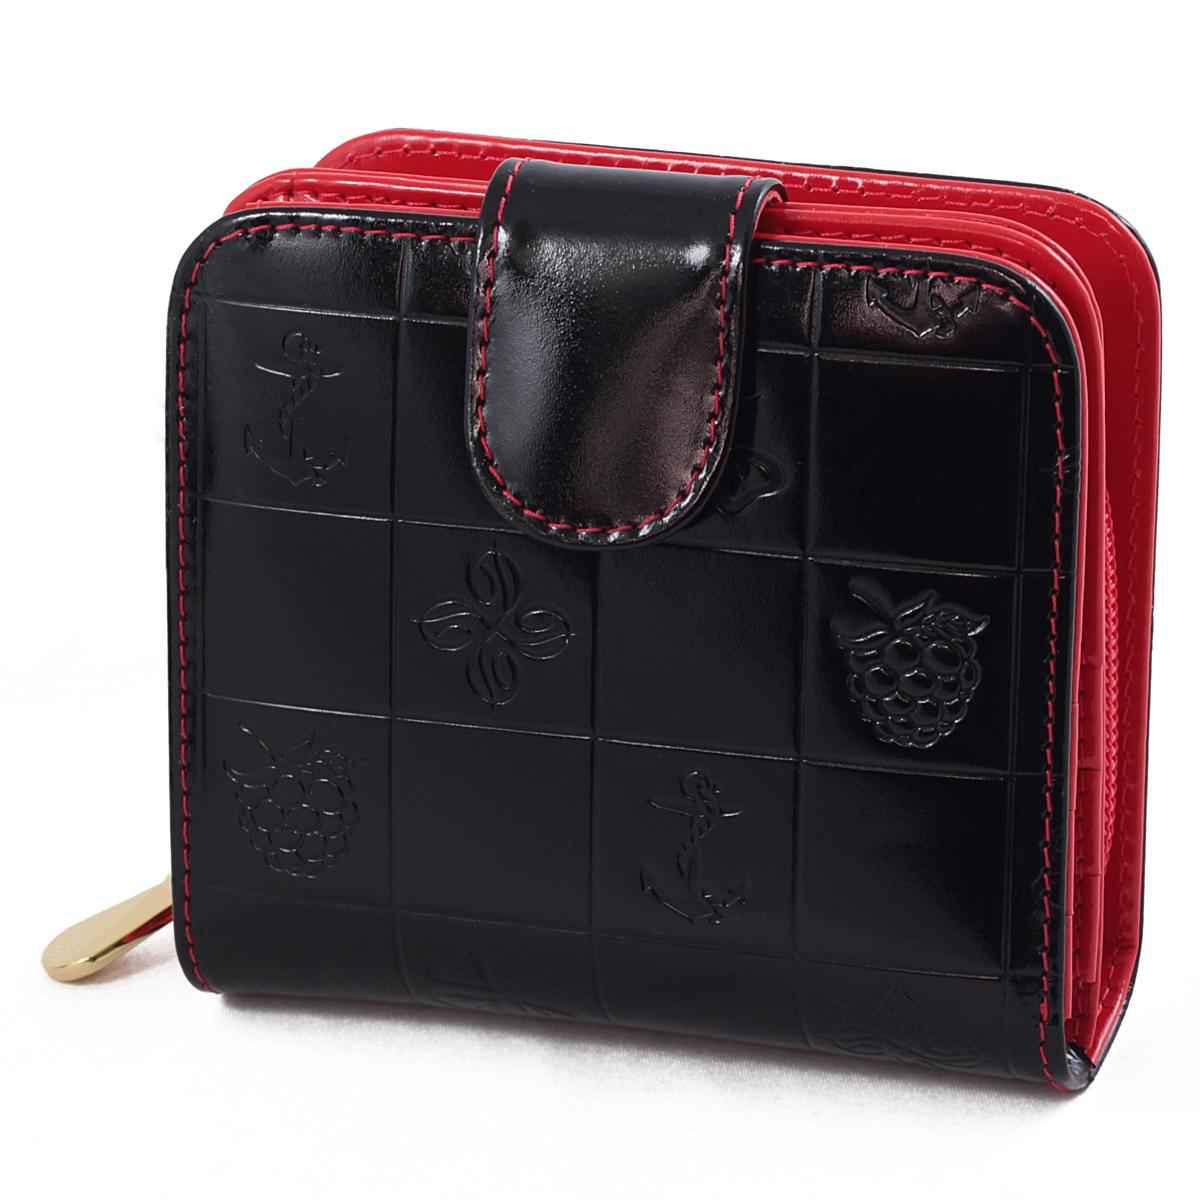 Кошелек женский Dimanche Bonbon, цвет: черный, красный. 295295Женский кошелек Bonbon выполнен из натуральной лаковой высококачественной кожи с декоративным тиснением. Состоит из двух отделений. В первом, закрывающимся на кнопку, имеется два отделения для купюр и восемь кармашков для кредитных карт. Второе отделение для мелочи закрывается на молнию, внутри имеется перегородка. Кошелек упакован в фирменную картонную коробку. Характеристики: Материал: натуральная кожа, текстиль, металл. Размер кошелька: 9,5 см х 10,5 см х 3,5 см. Цвет: черный, красный.